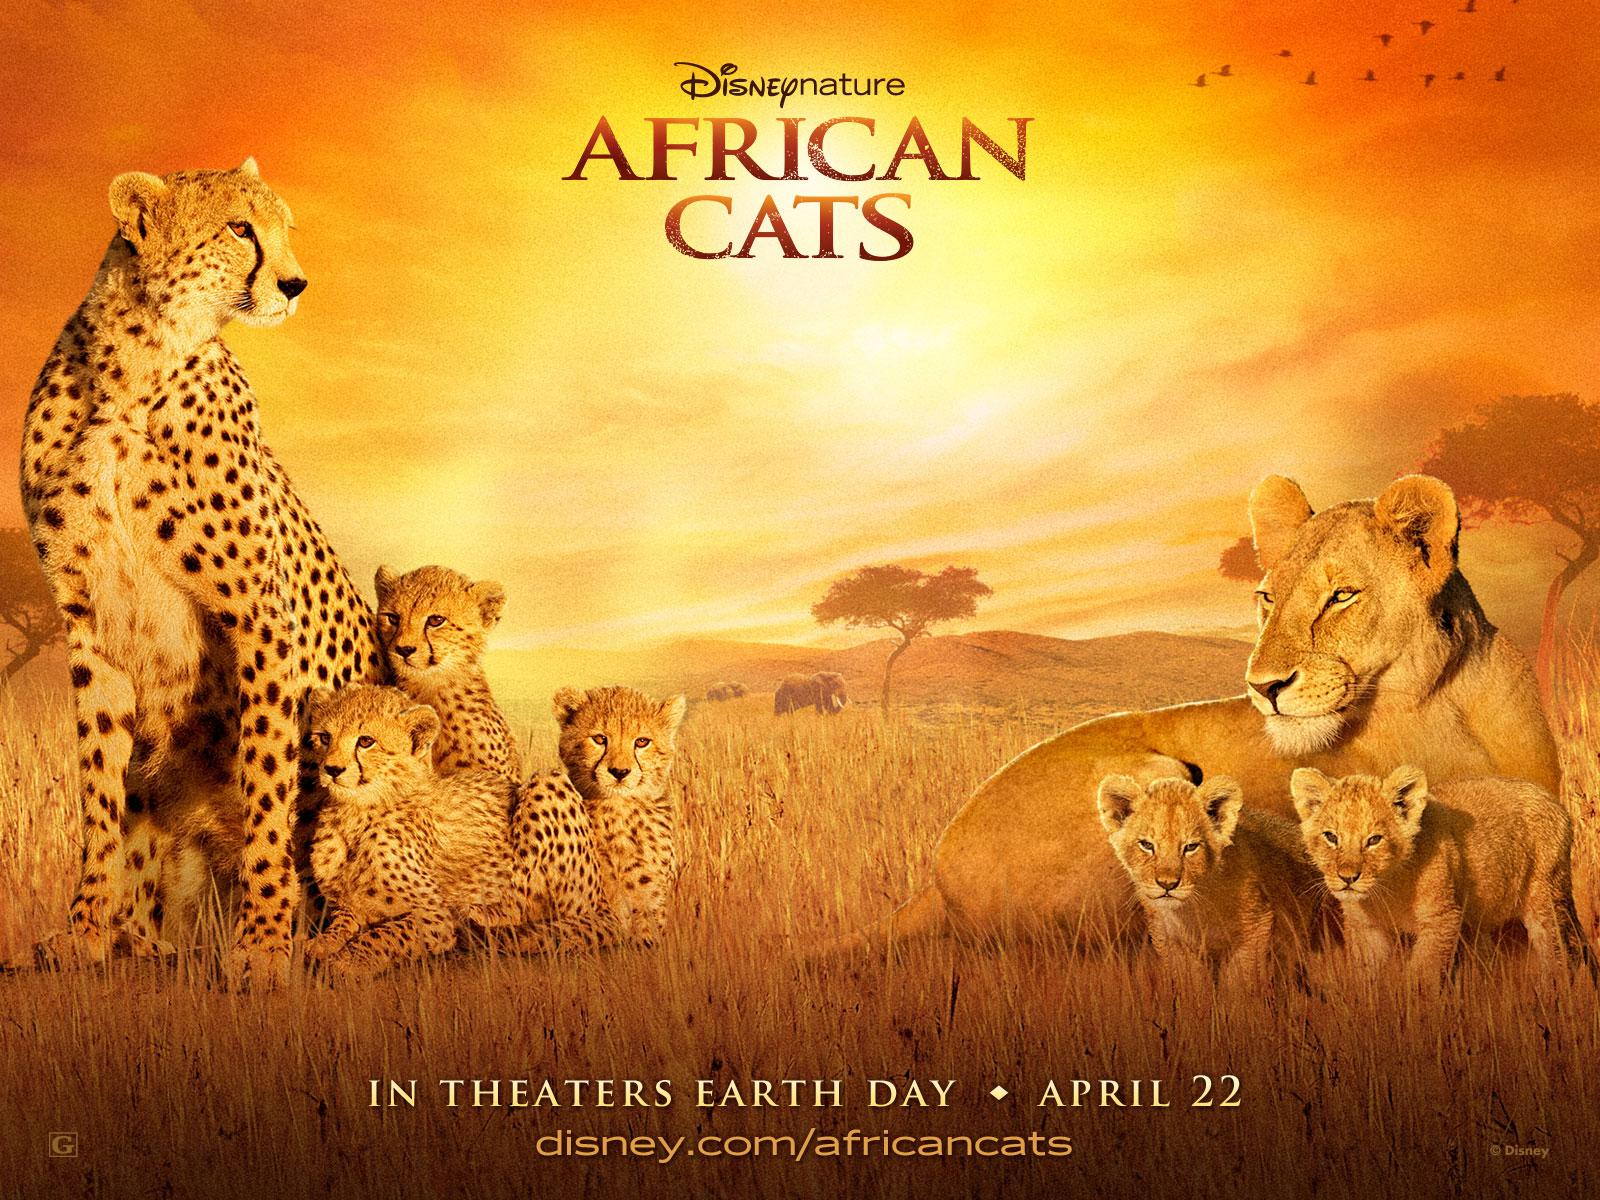 https://2.bp.blogspot.com/-tuS6hzx-Rgw/TaccaA_MqHI/AAAAAAAAAbQ/w0XtozWwWY4/s1600/African-Cats-Wallpapers-1600x1200.jpg